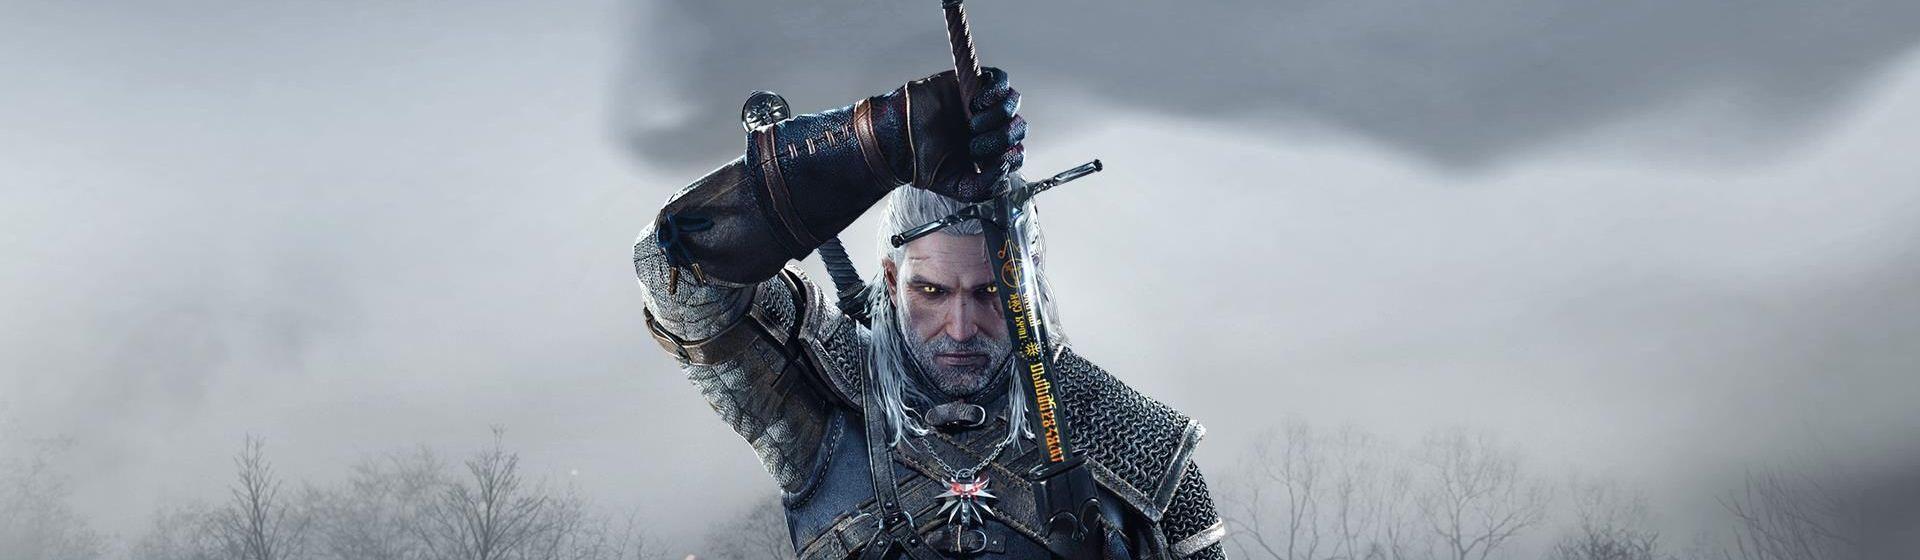 The Witcher 3 vai ganhar versão melhorada para PS5, Xbox Series X e PC